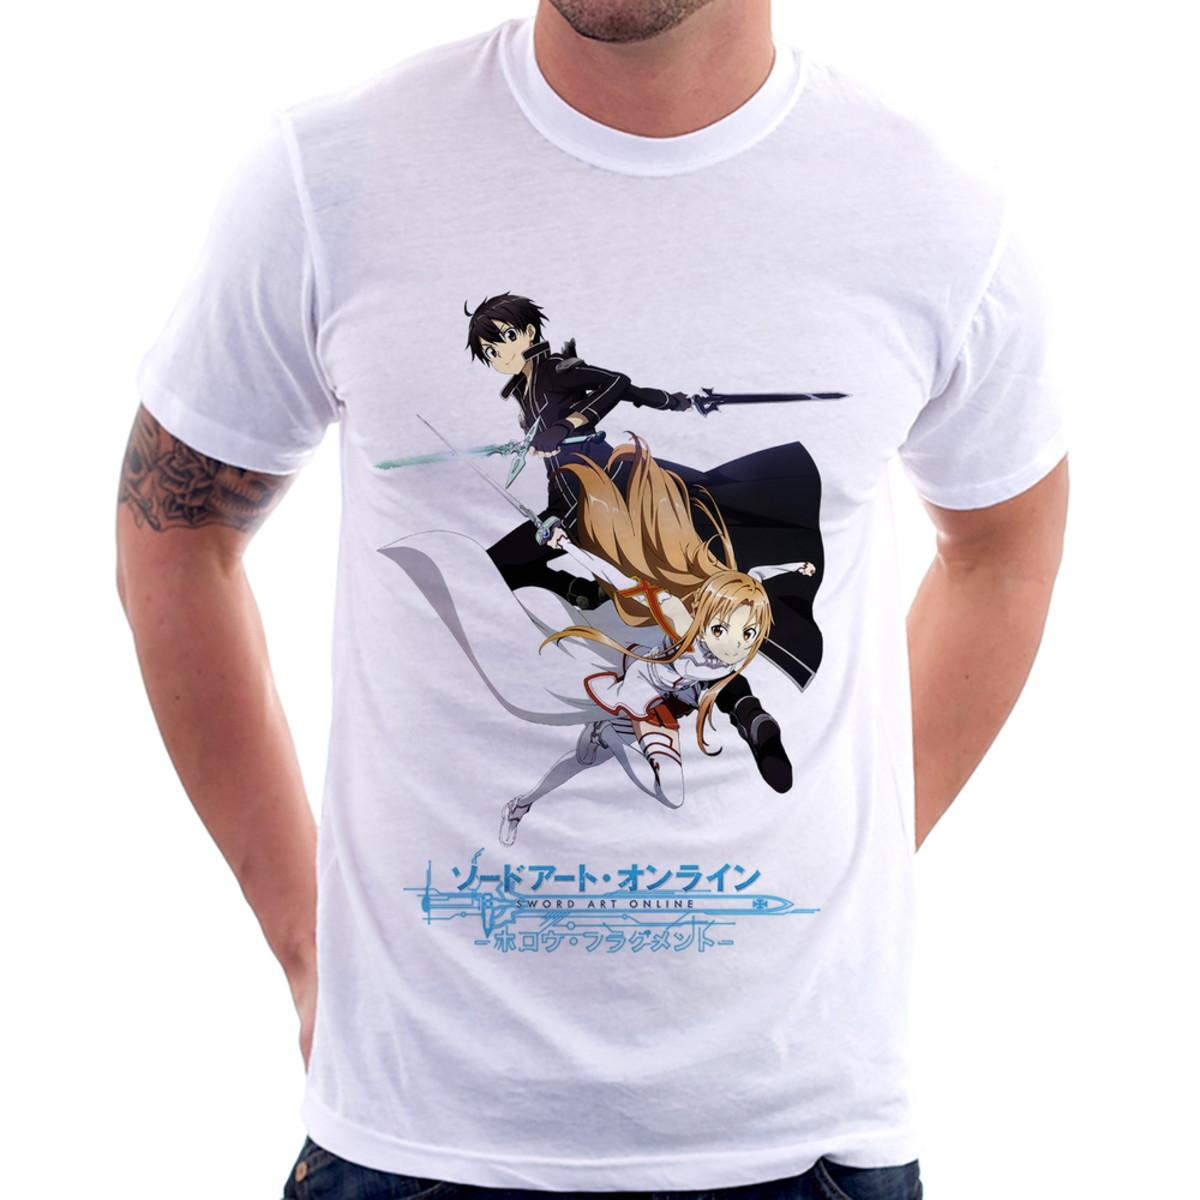 2649399cb Camiseta Sword Art Online Kirito e Asuna no Elo7